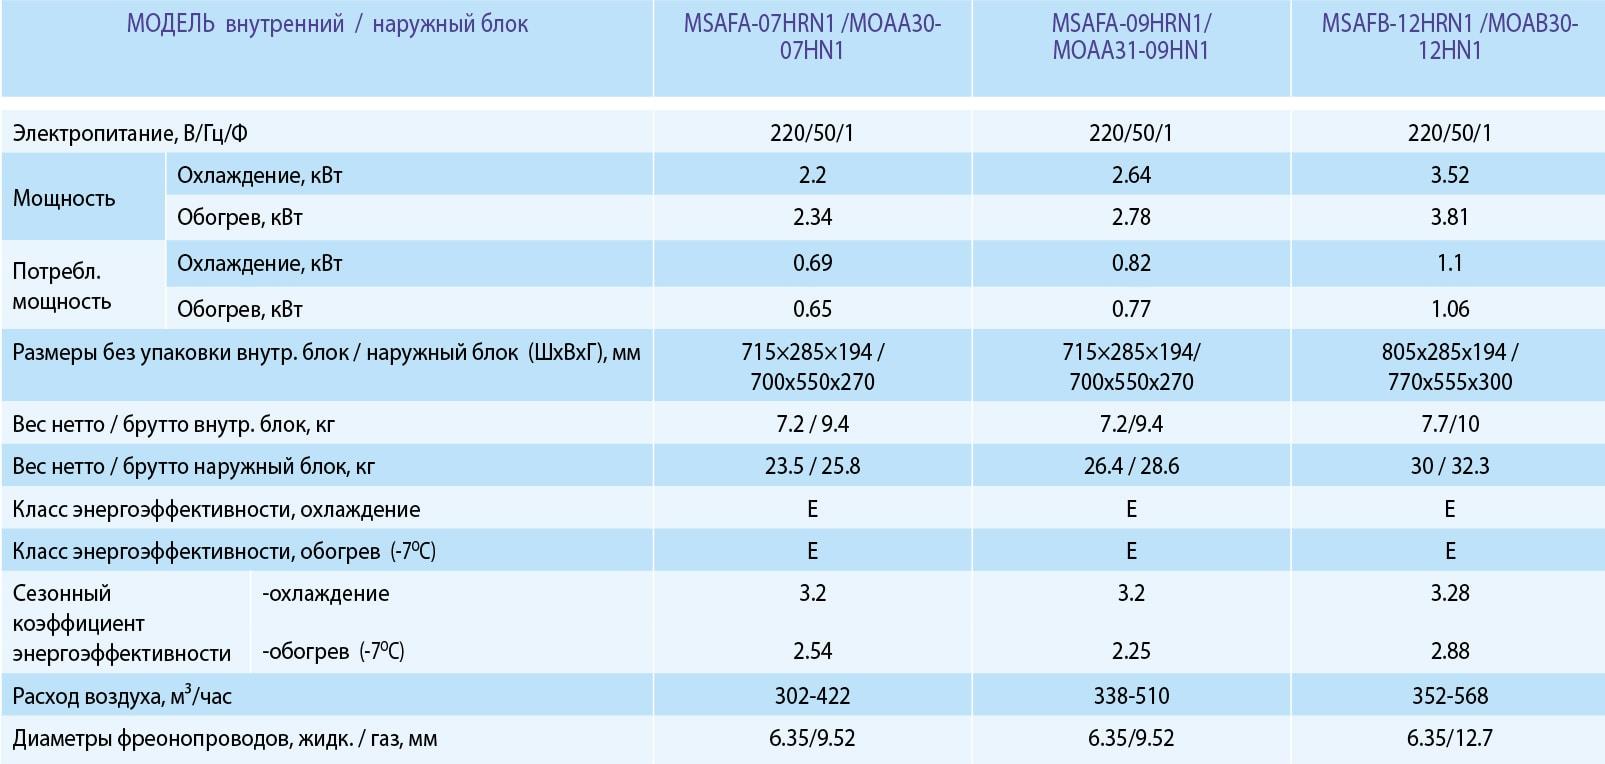 Технические характеристики кондиционера Midea MSAFA-HRN1серииForest